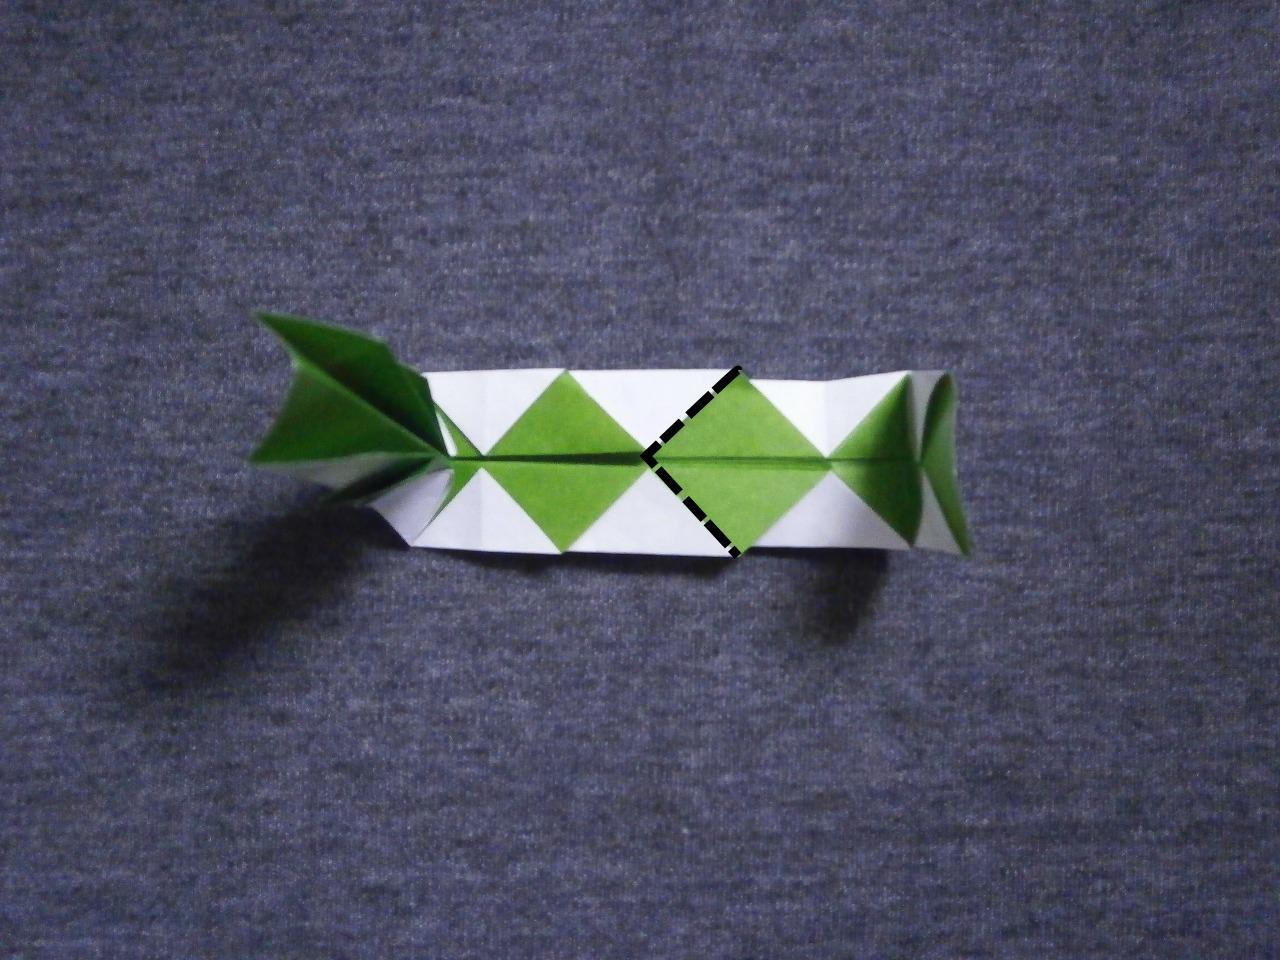 KATAKOTO ORIGAMI: How to fold an origami snake - photo#10